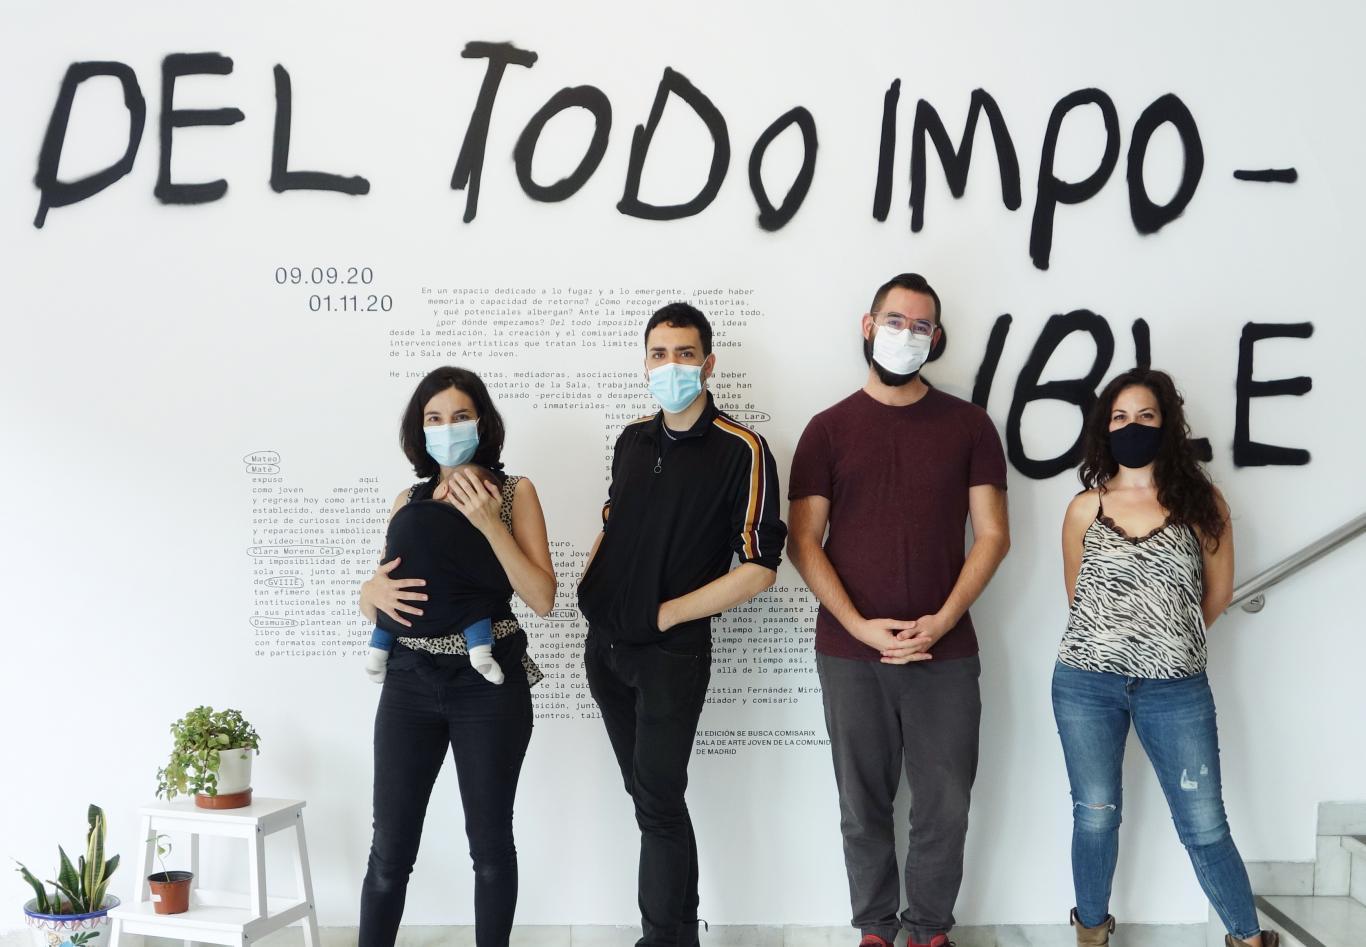 Cuatro jovenes posan frente a un muro con un grafiti donde se lee Del todo imposible